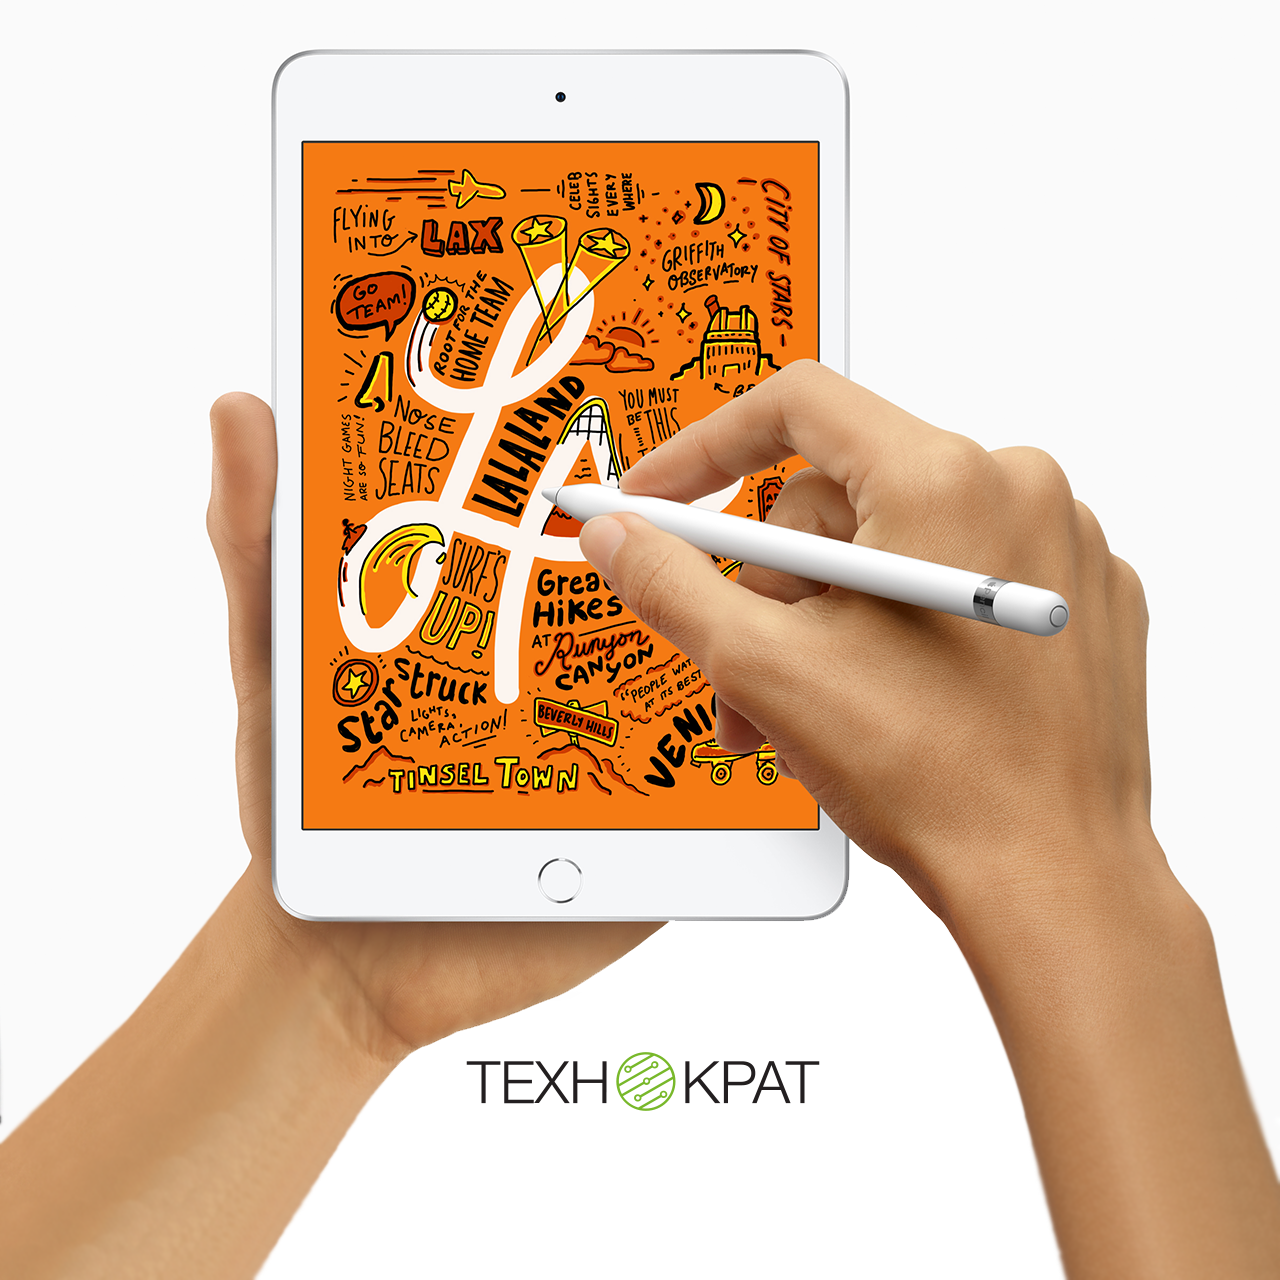 Apple iPad mini - твій помічник, який завжди під рукою 👍🏻